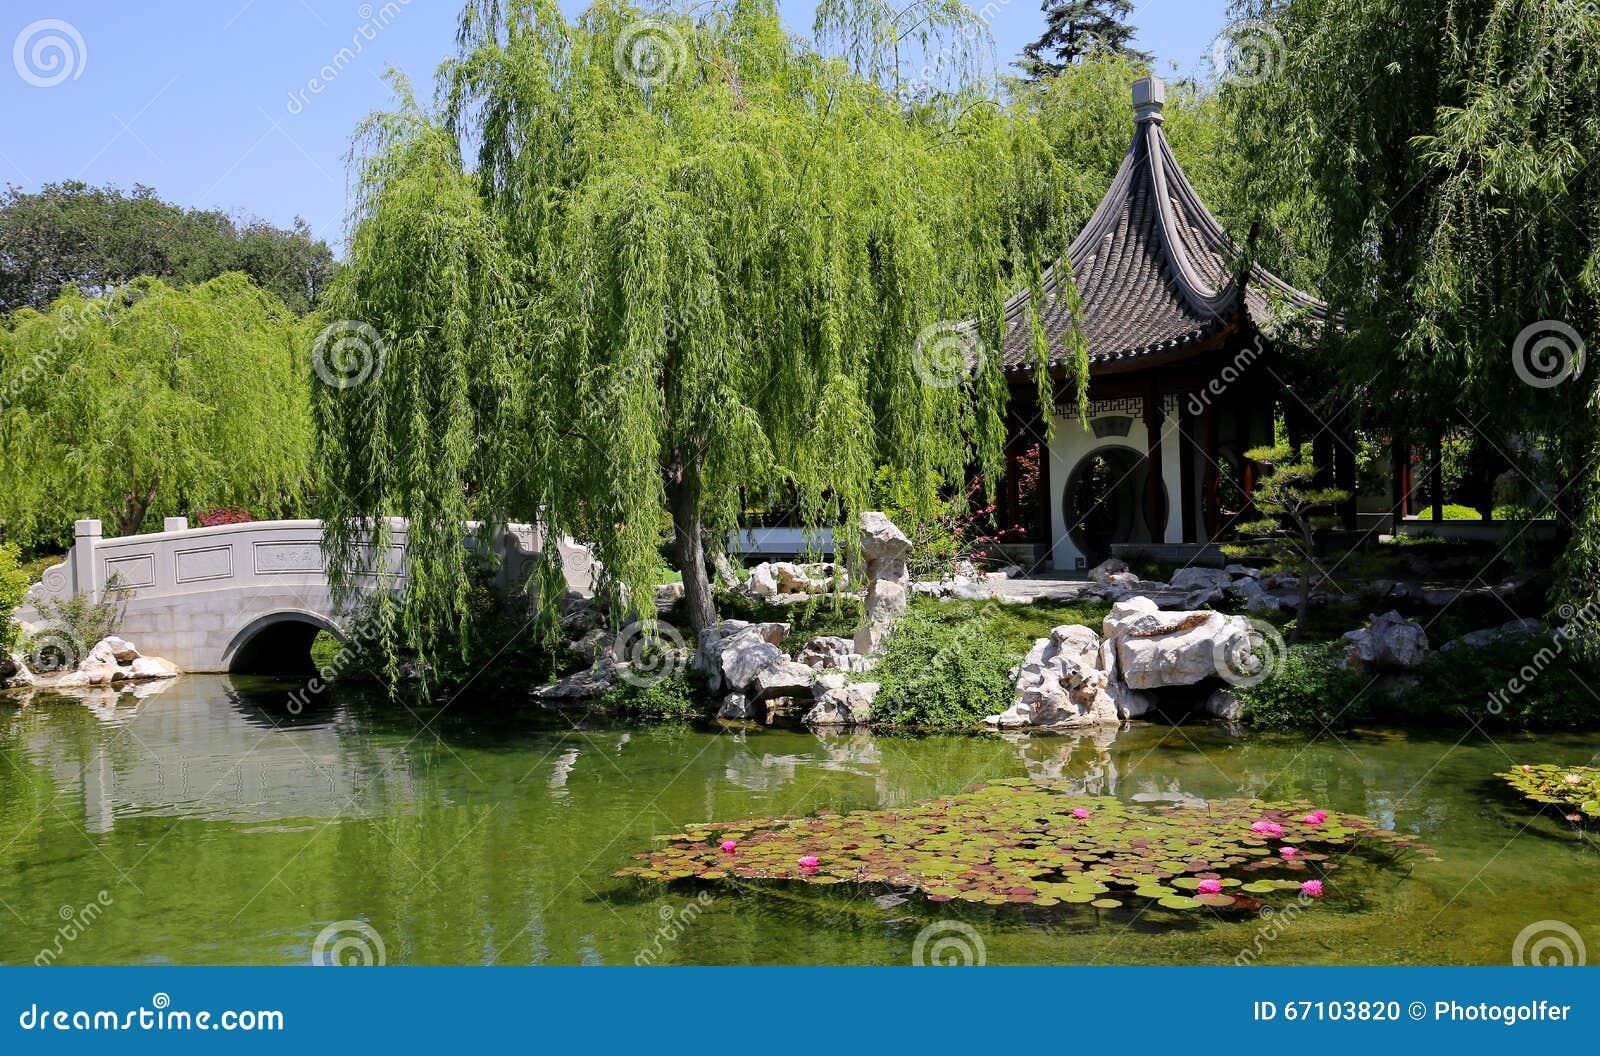 Arbres et fleurs dans un jardin japonais photo stock for Achat jardin japonais